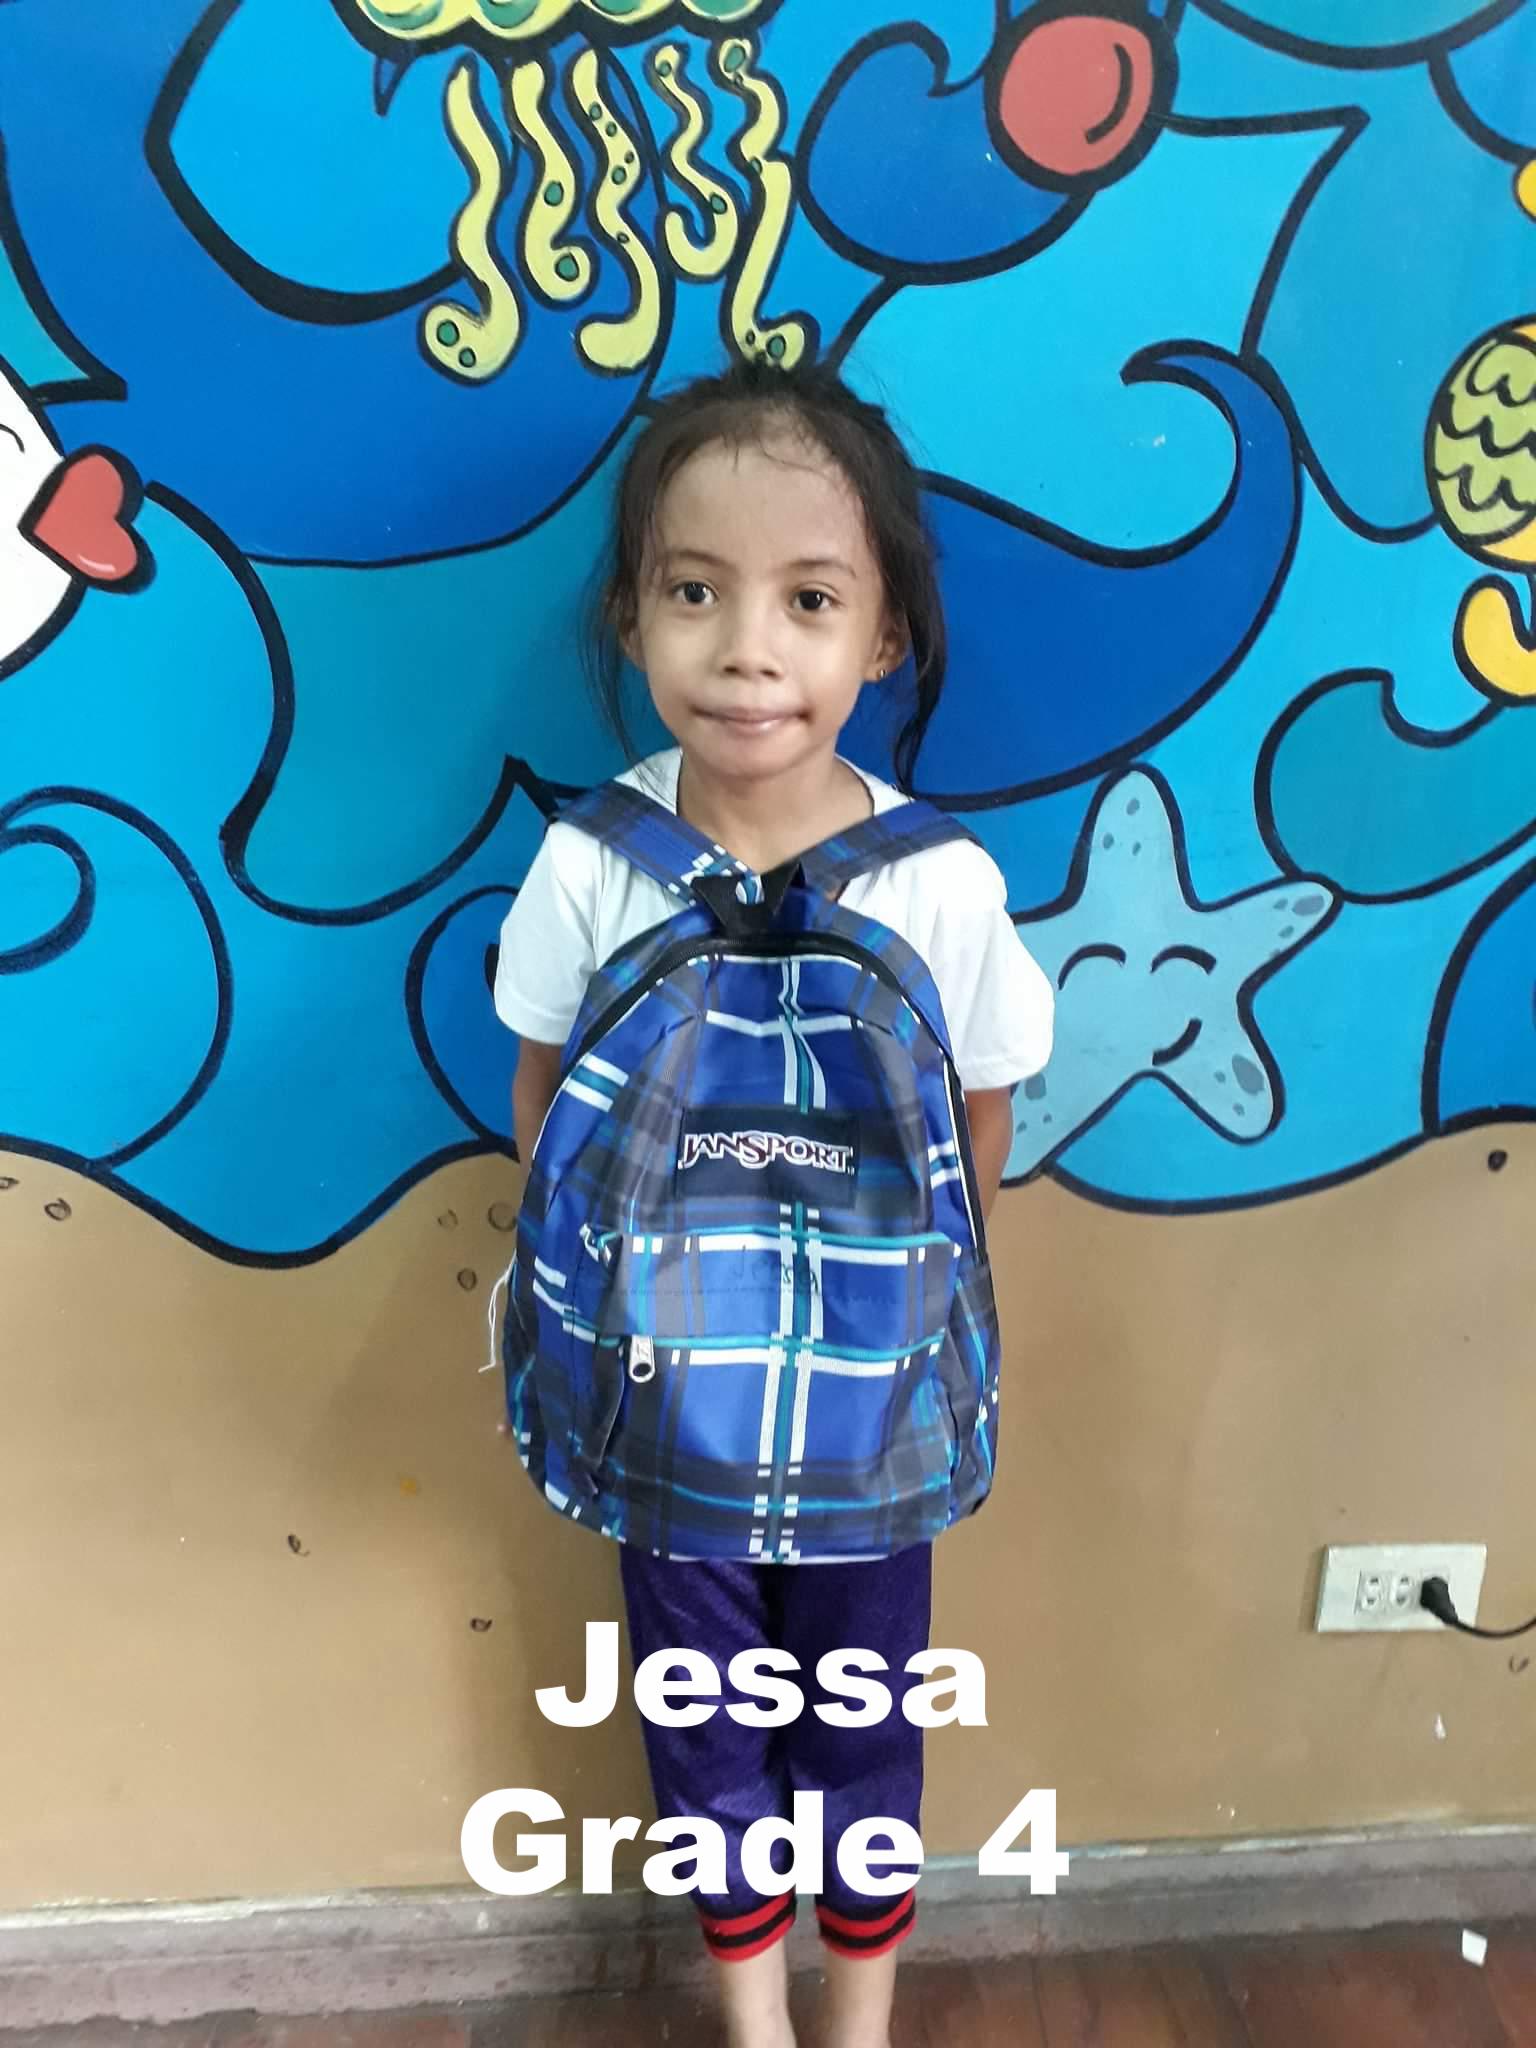 Jessa.png